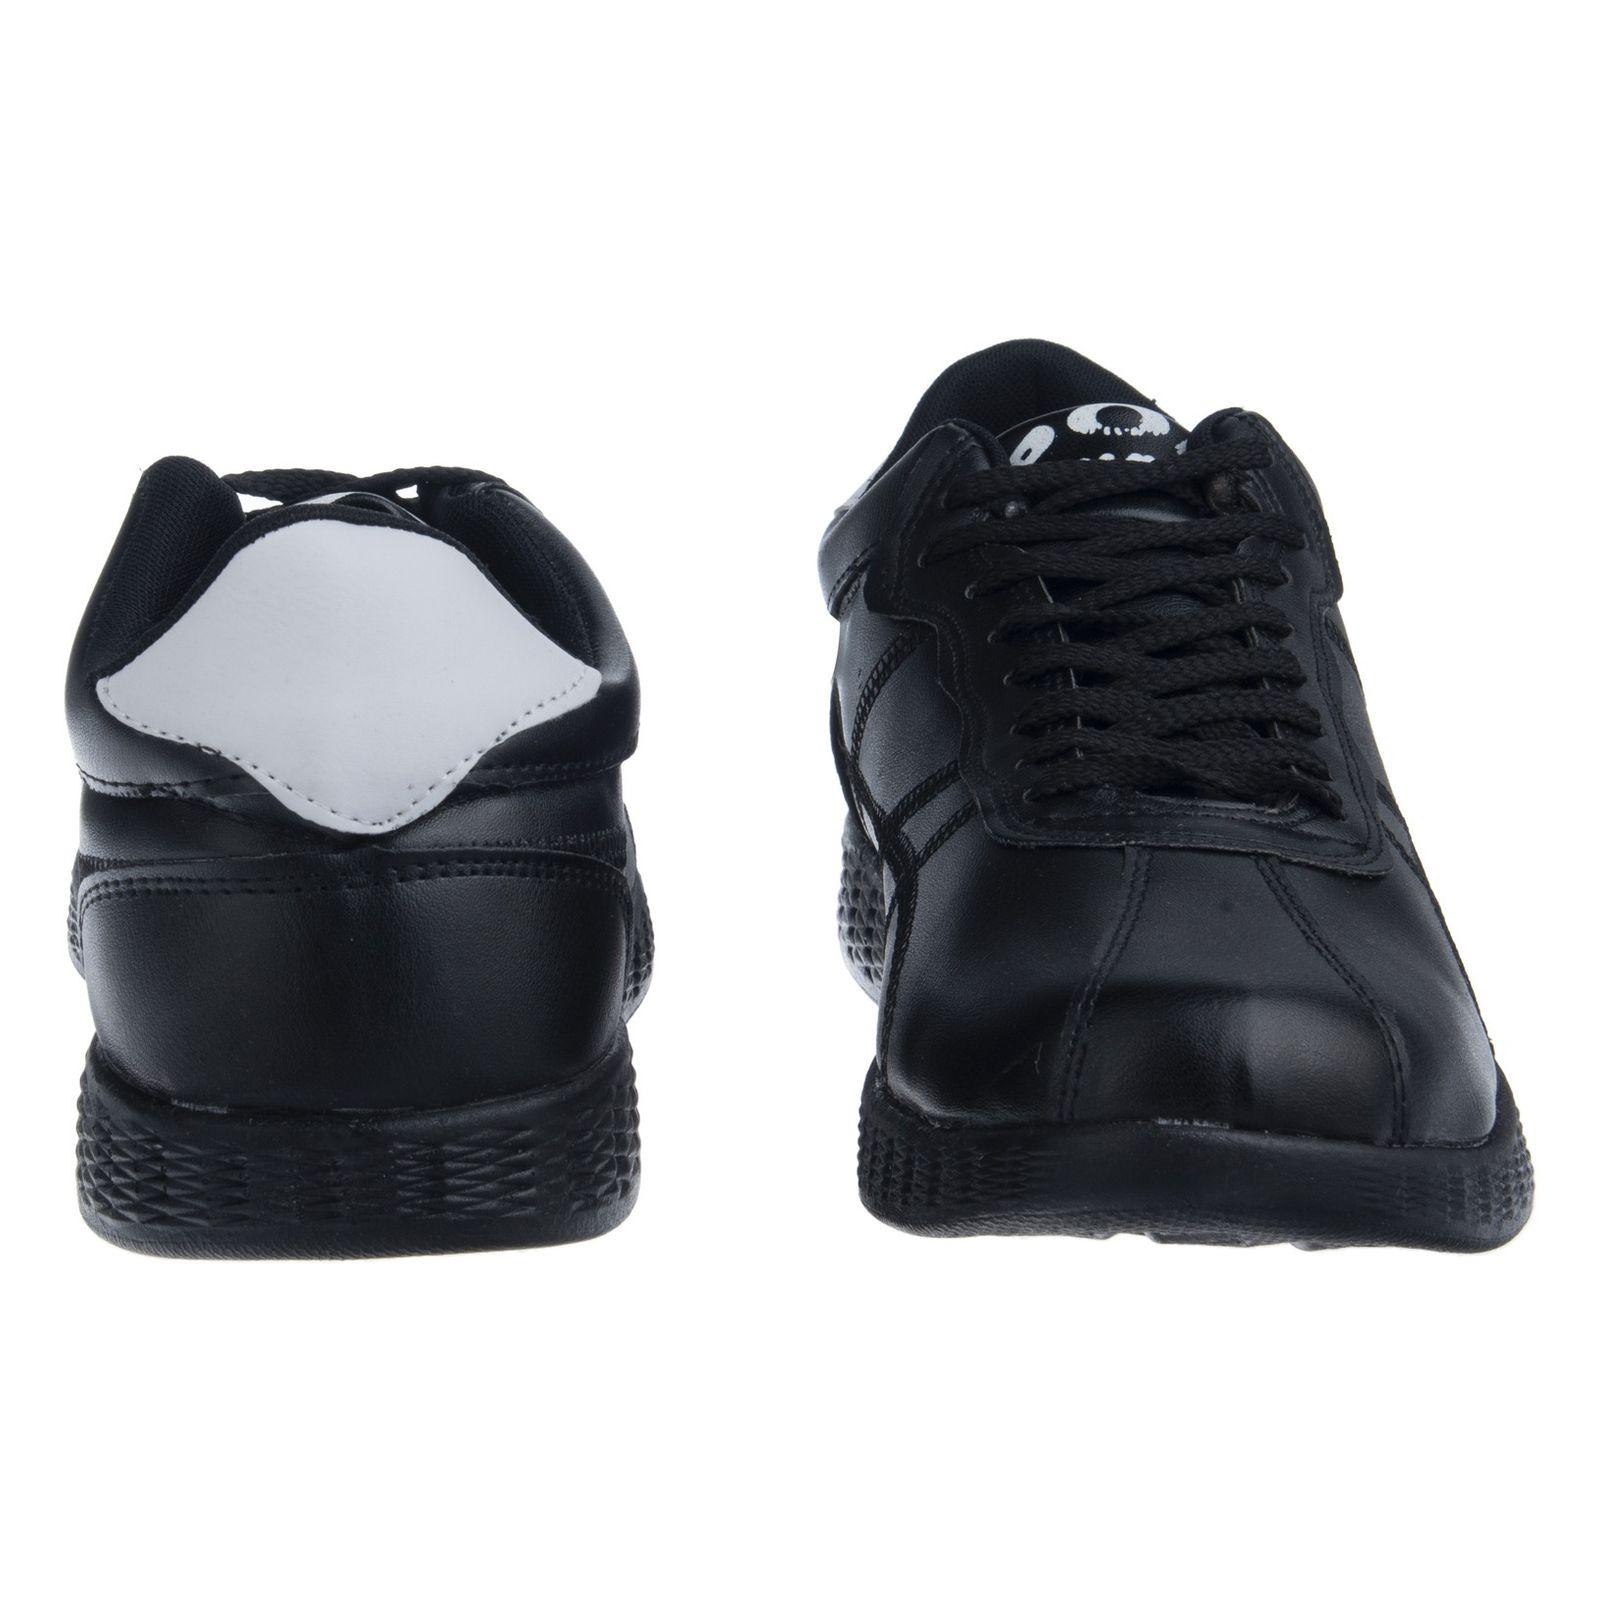 کفش ورزشی مردانه اسپرت من مدل 39785-1-1 main 1 4